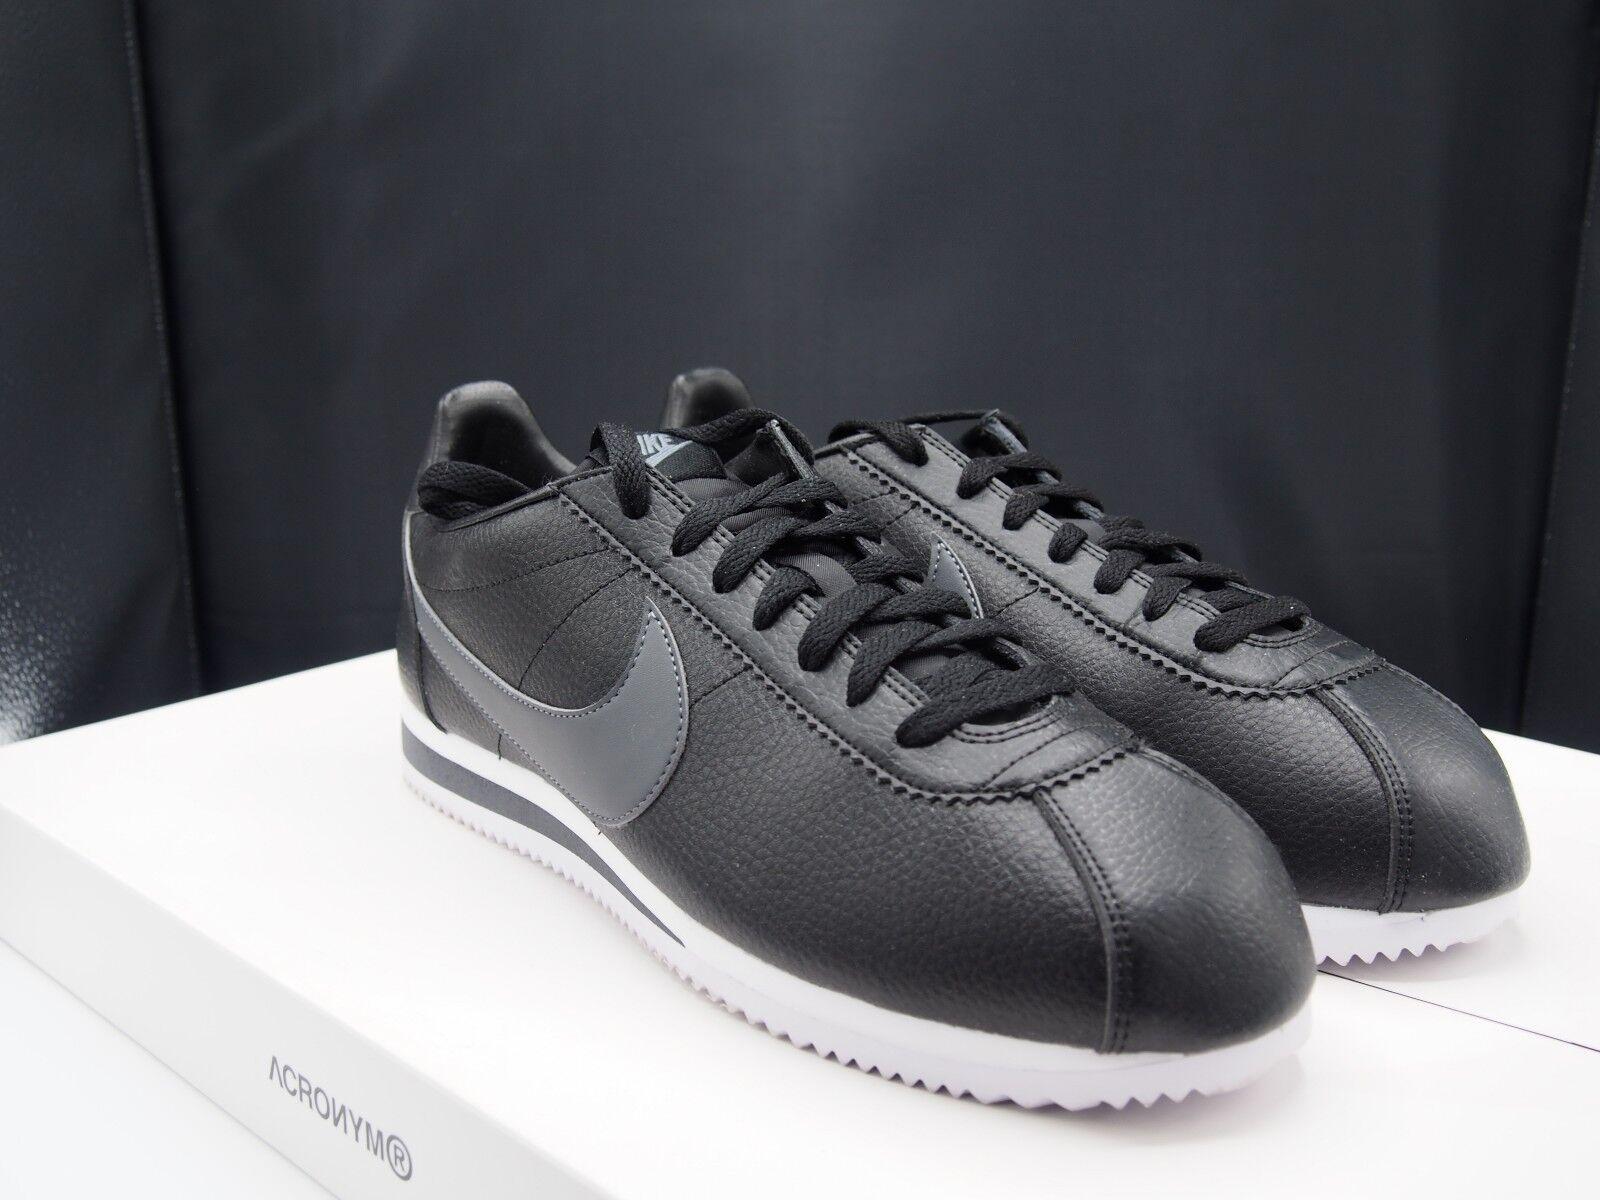 nike / cortez classic en cuir noir / nike gris foncé 749571-011 16d9a4